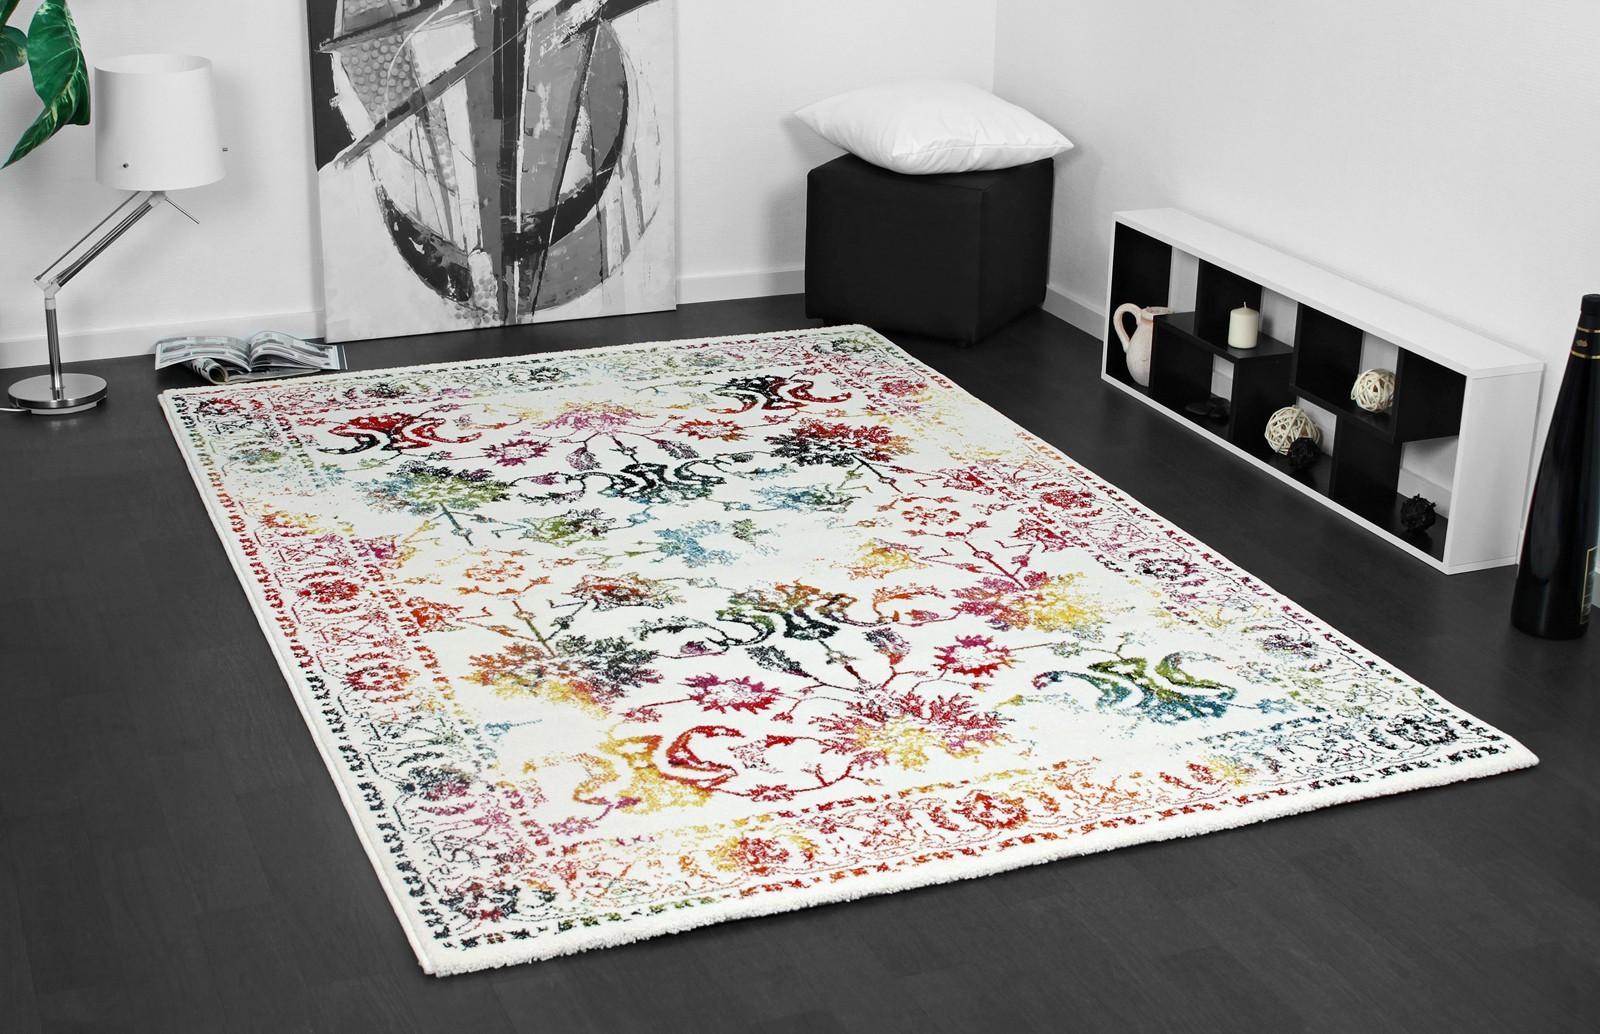 tapis designer tiss plat d coratif 100 polypropylene broth 12. Black Bedroom Furniture Sets. Home Design Ideas